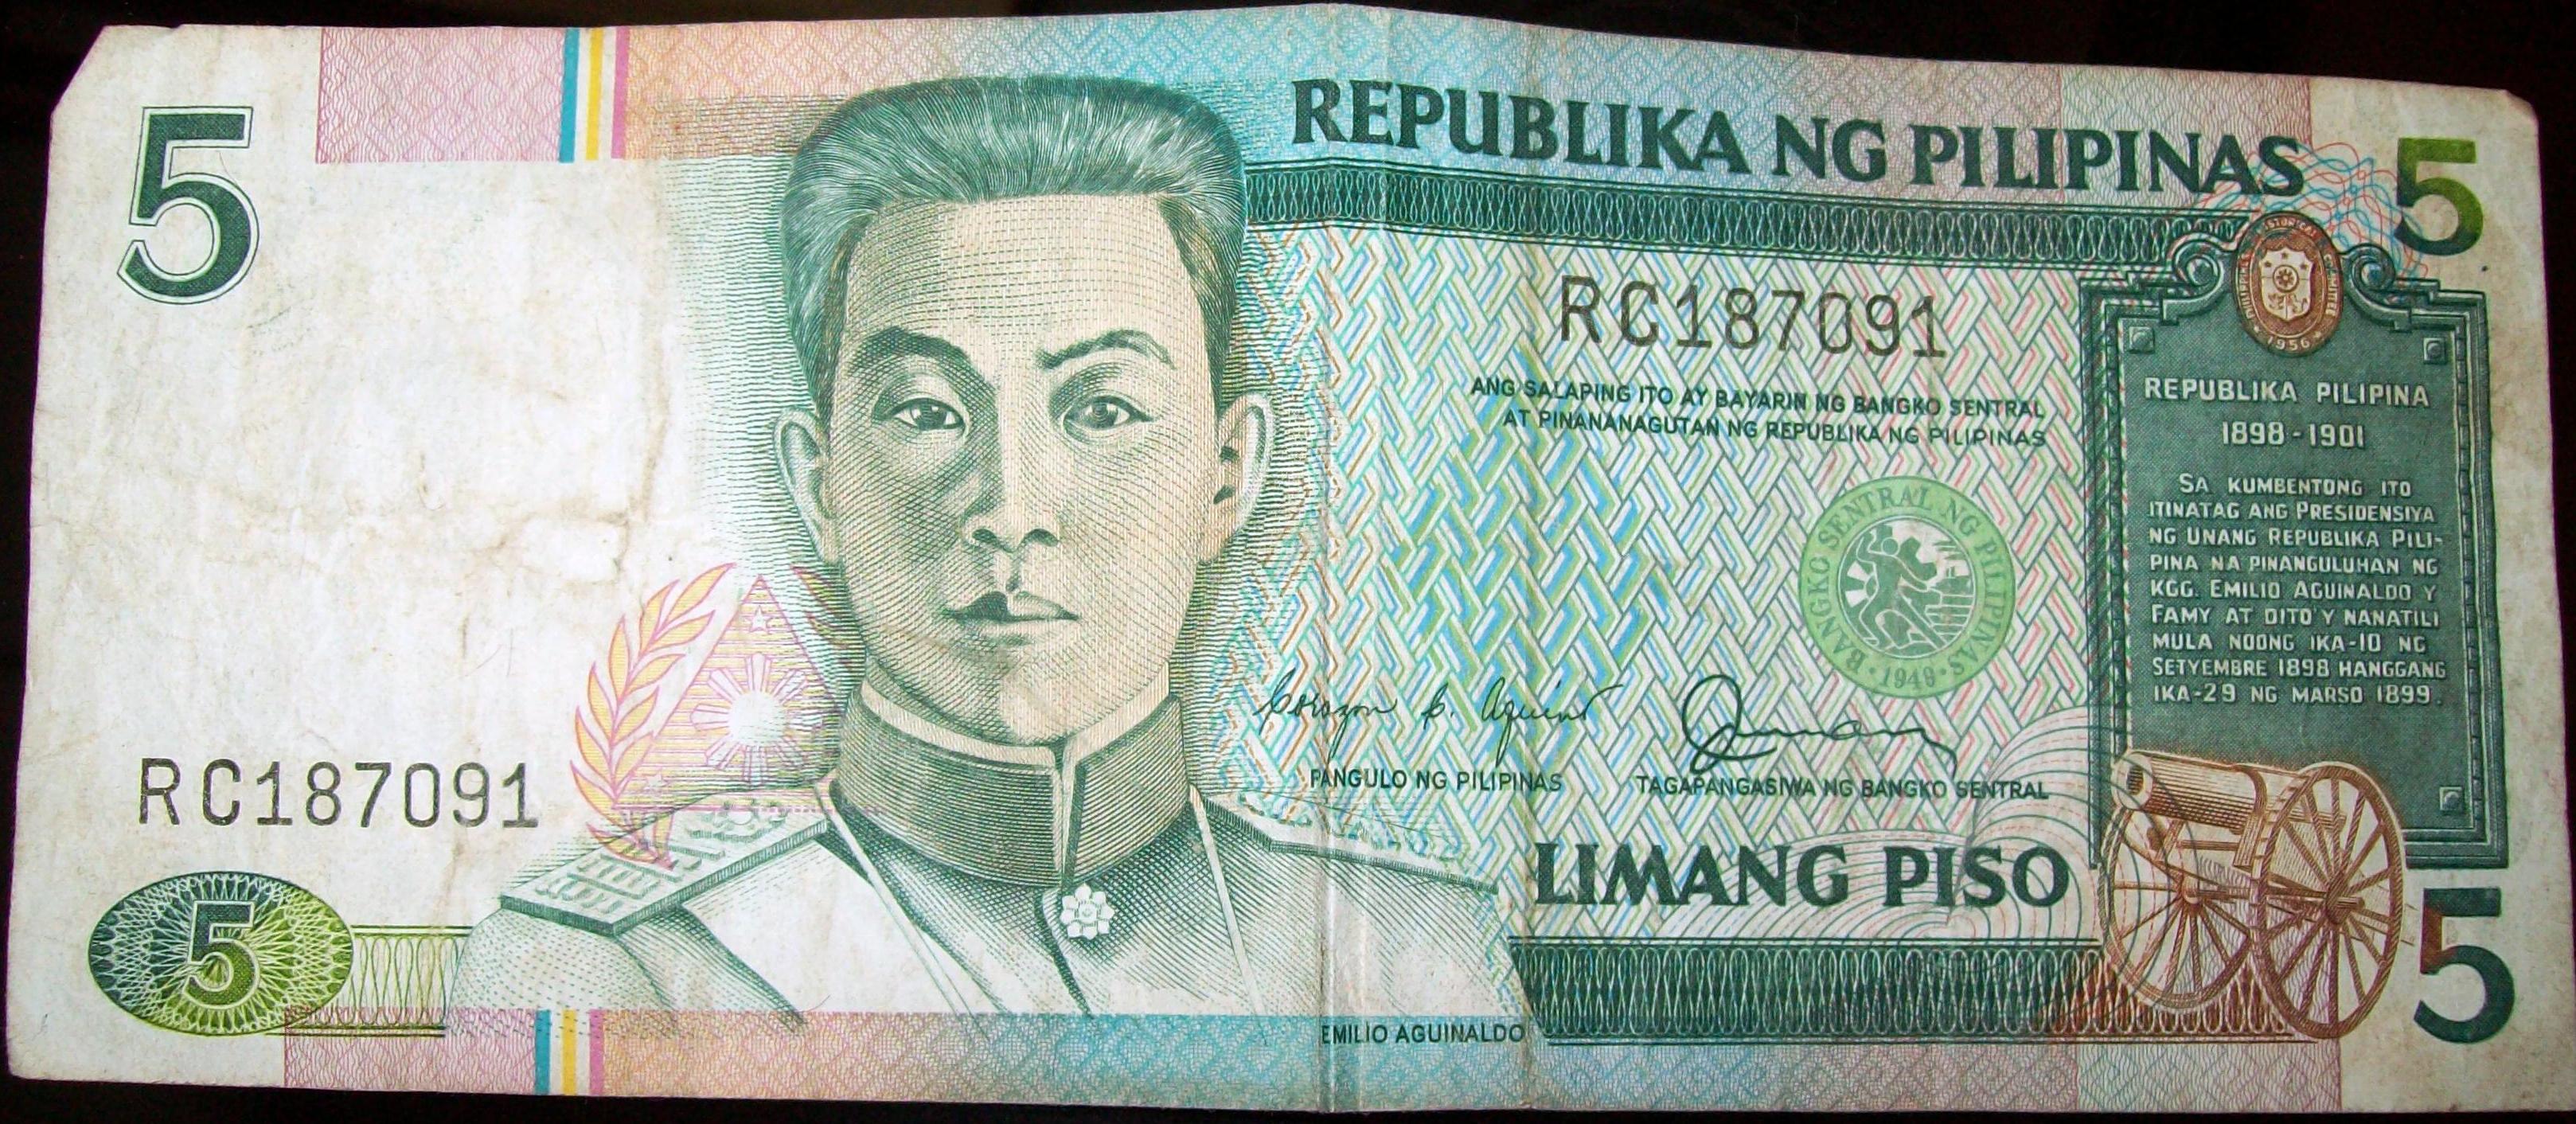 """sa serye ng mga artikulo na may pamagat na, """"Ang Kasaysayan ng"""